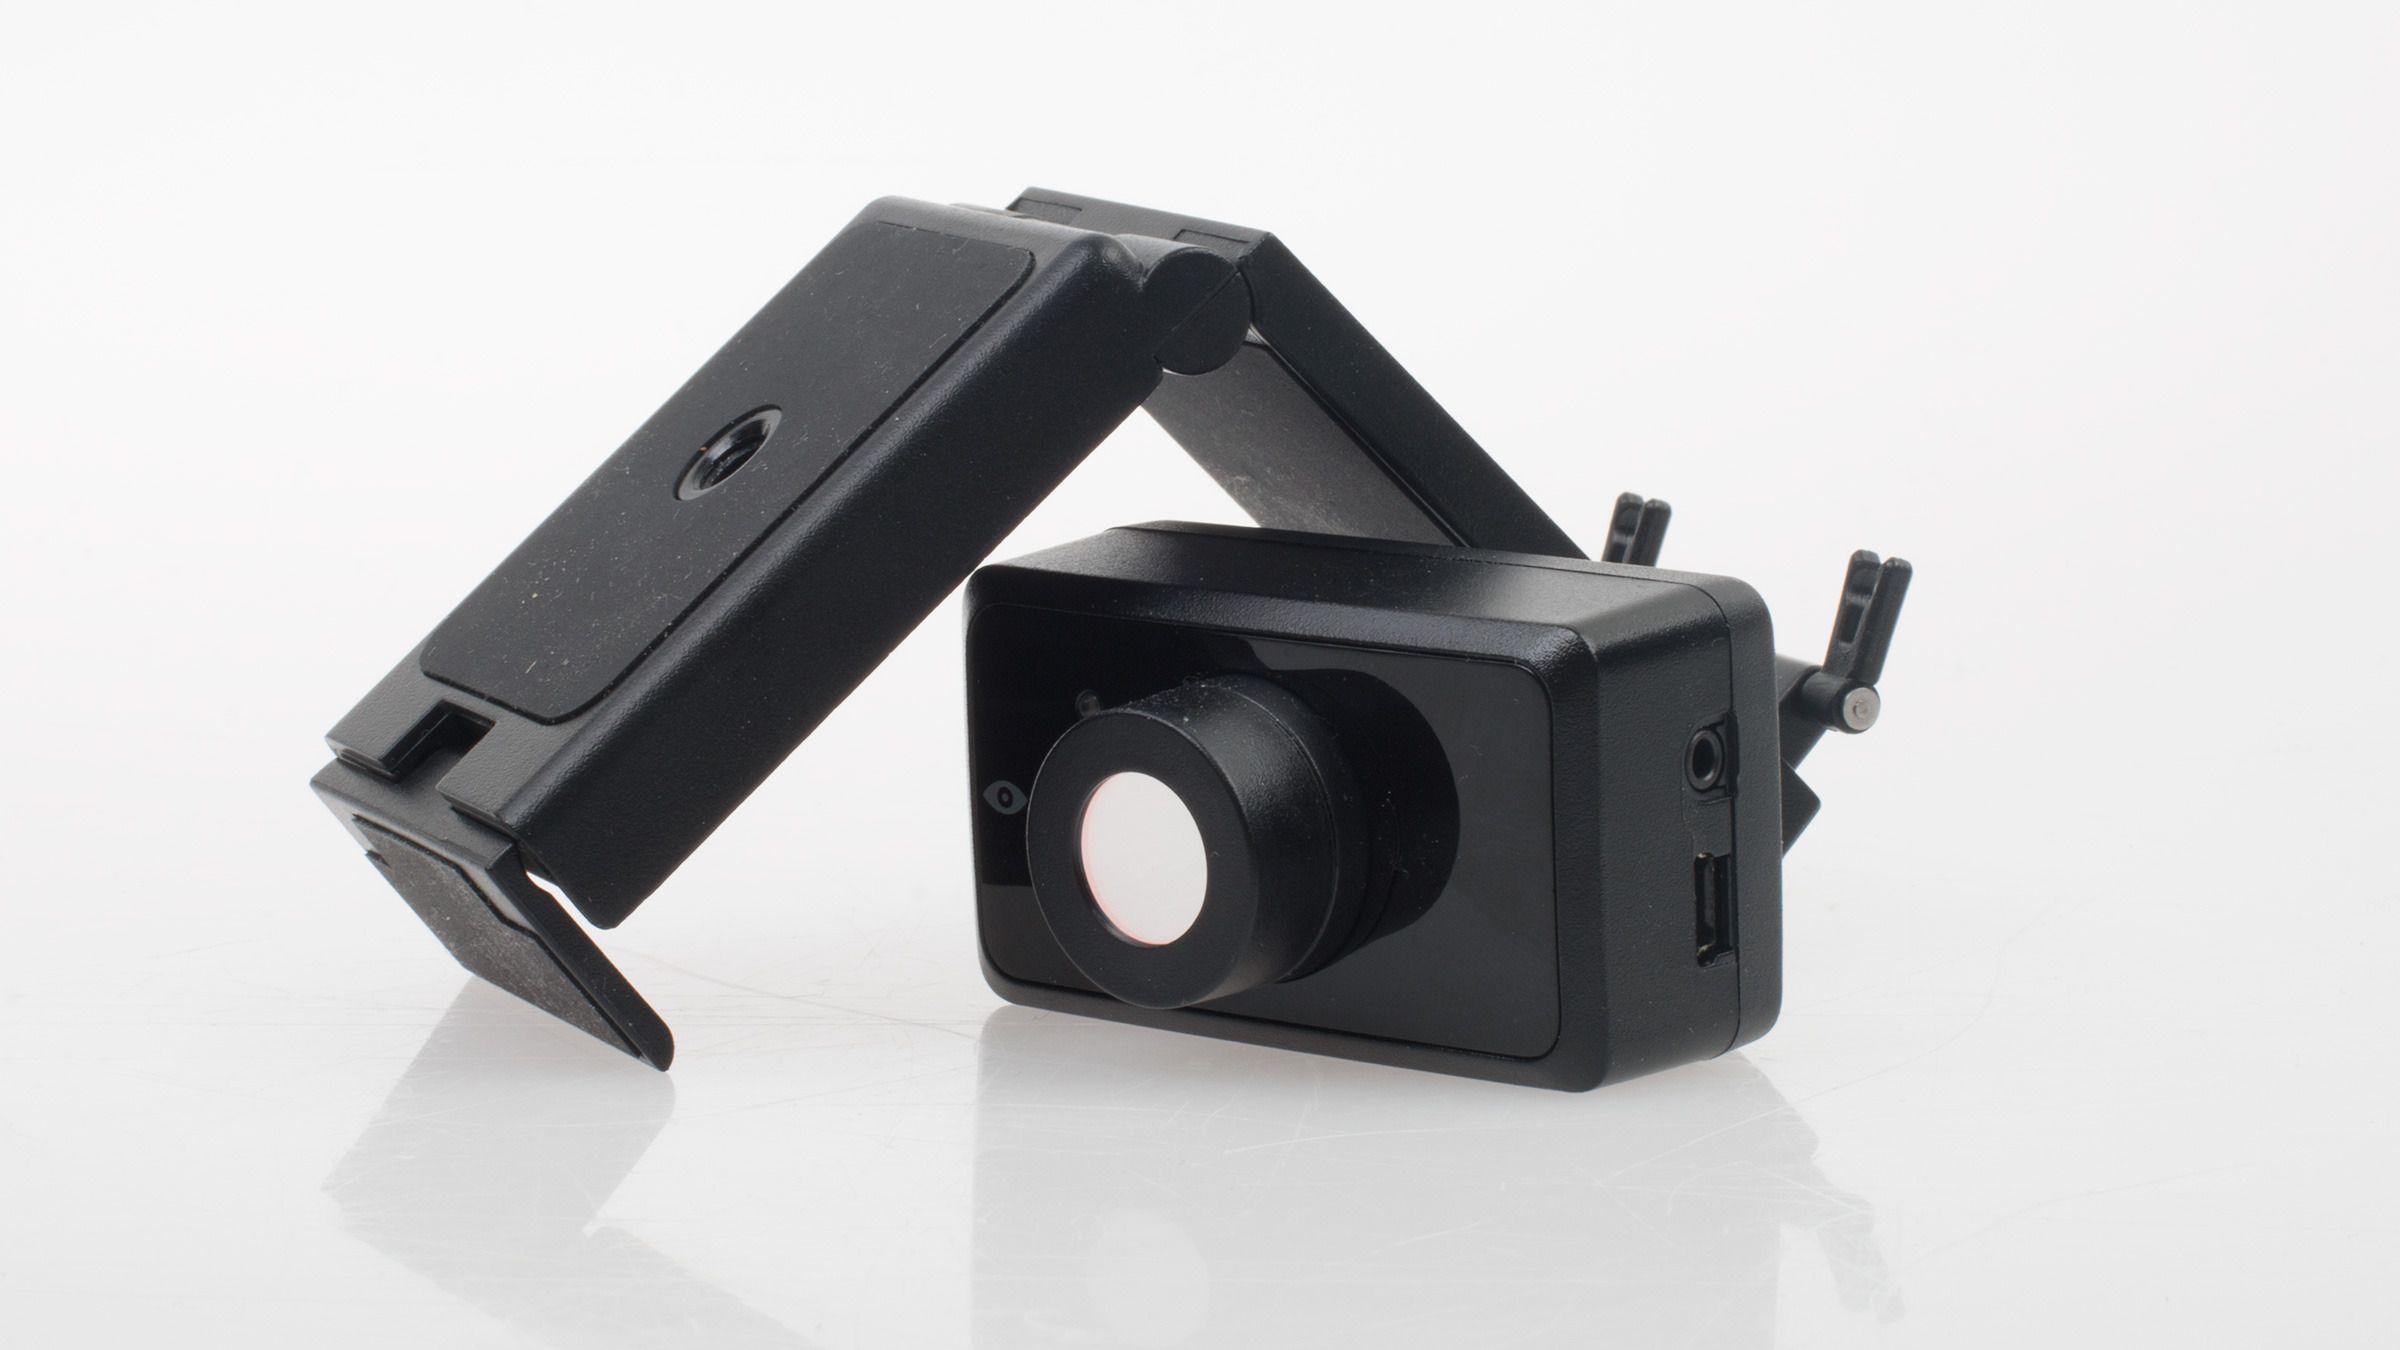 Kameraet er ment å plasseres oppå skjermen, eller på et bord foran brukeren. Det lille stativet kan tilpasses til de fleste bruksområder, og selve kameramodulen kan også tas av dette. Legg også merke til de to inngangene på siden – disse skal vi komme tilbake til om litt.Foto: Varg Aamo, Tek.no